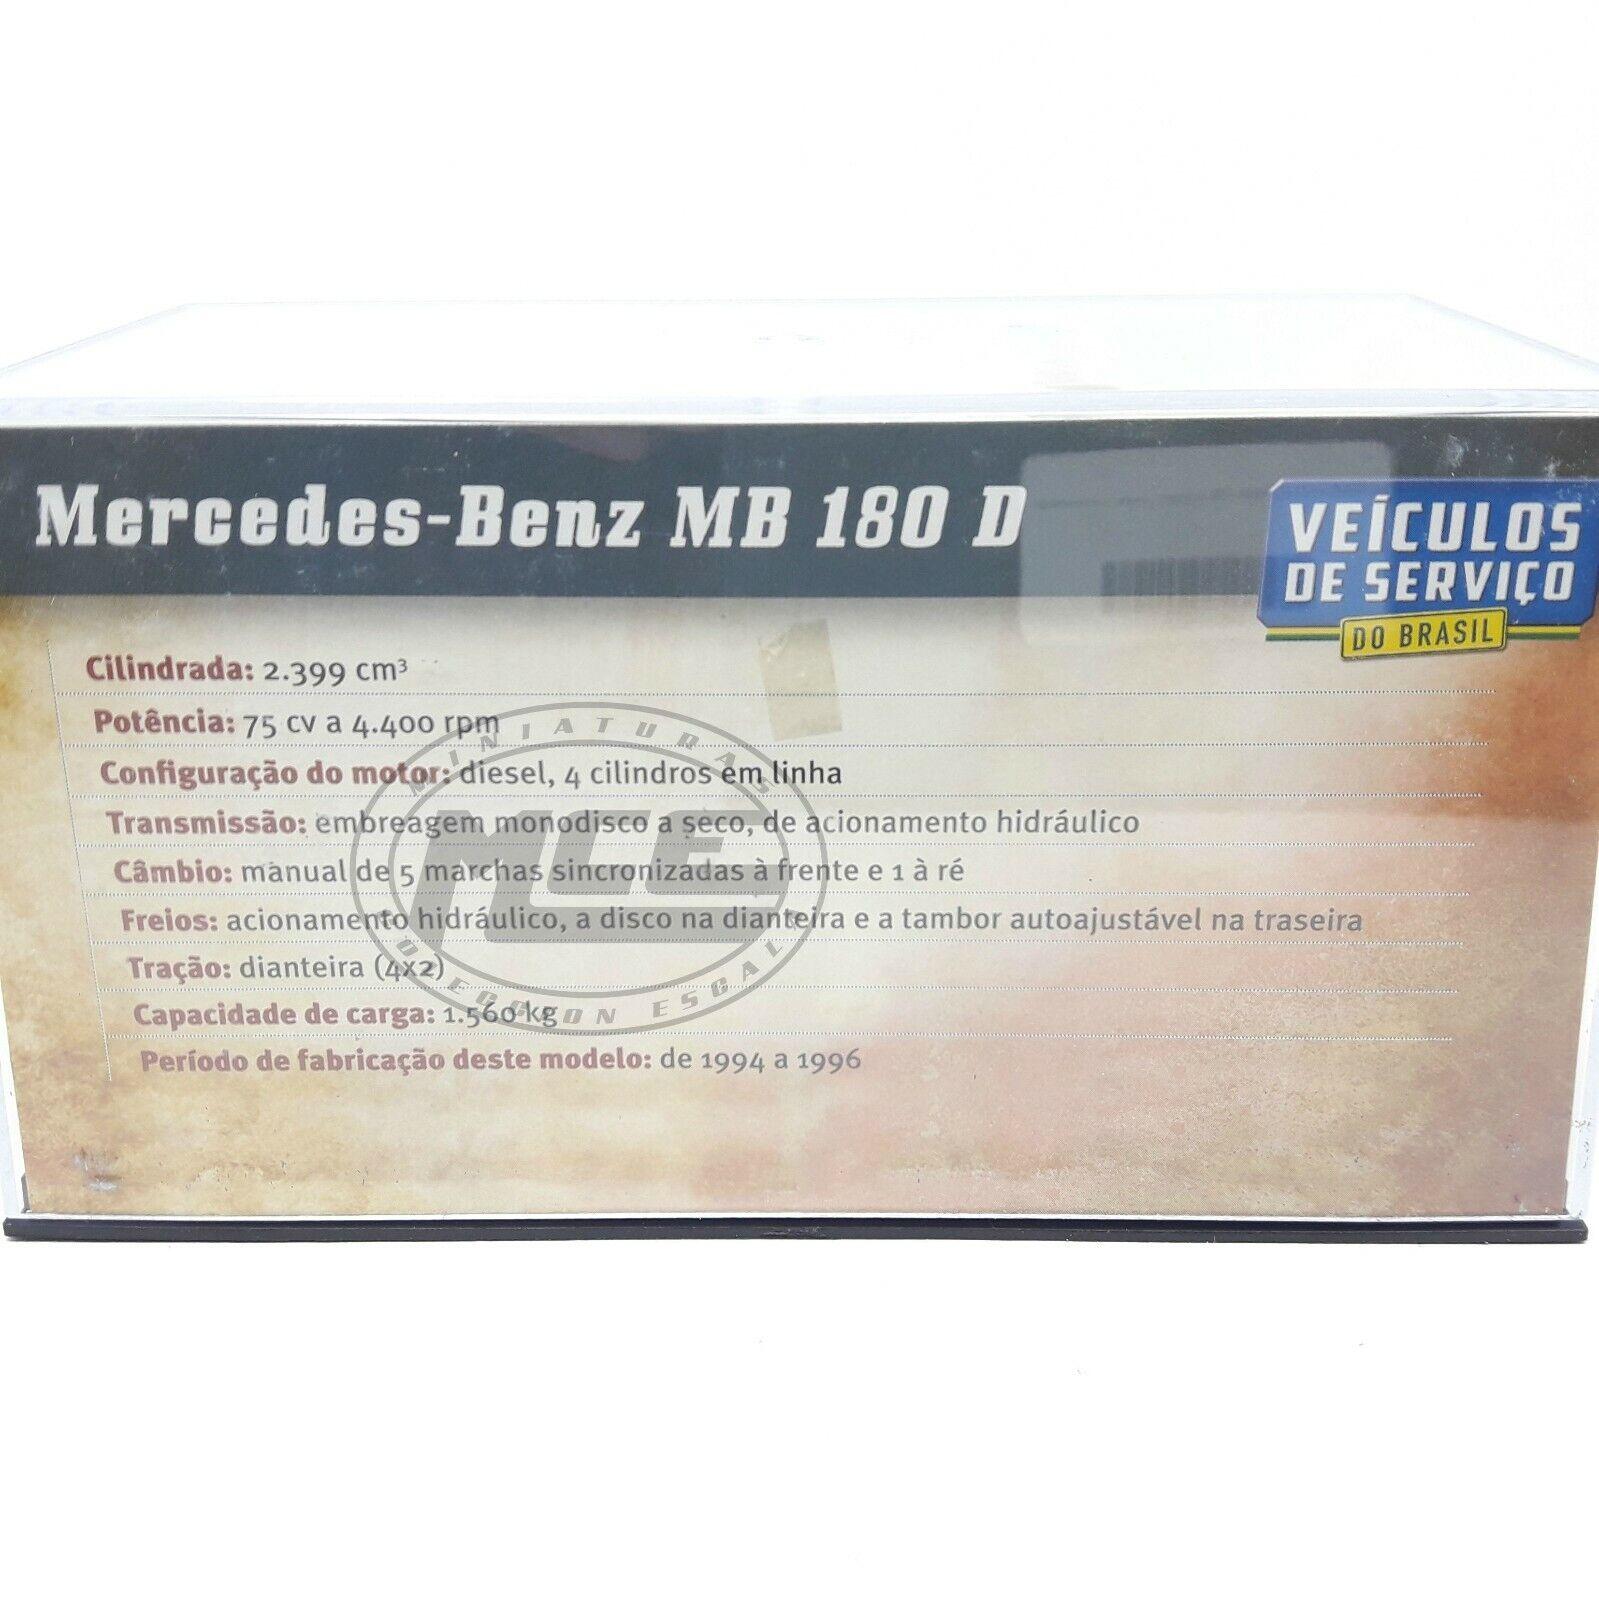 1 43 MECEDES-BENZ MB 180 2.4 AMBULANCIA 1995 VEHíCULOS VEHíCULOS VEHíCULOS SERVICIO BRASIL 5f2f0c